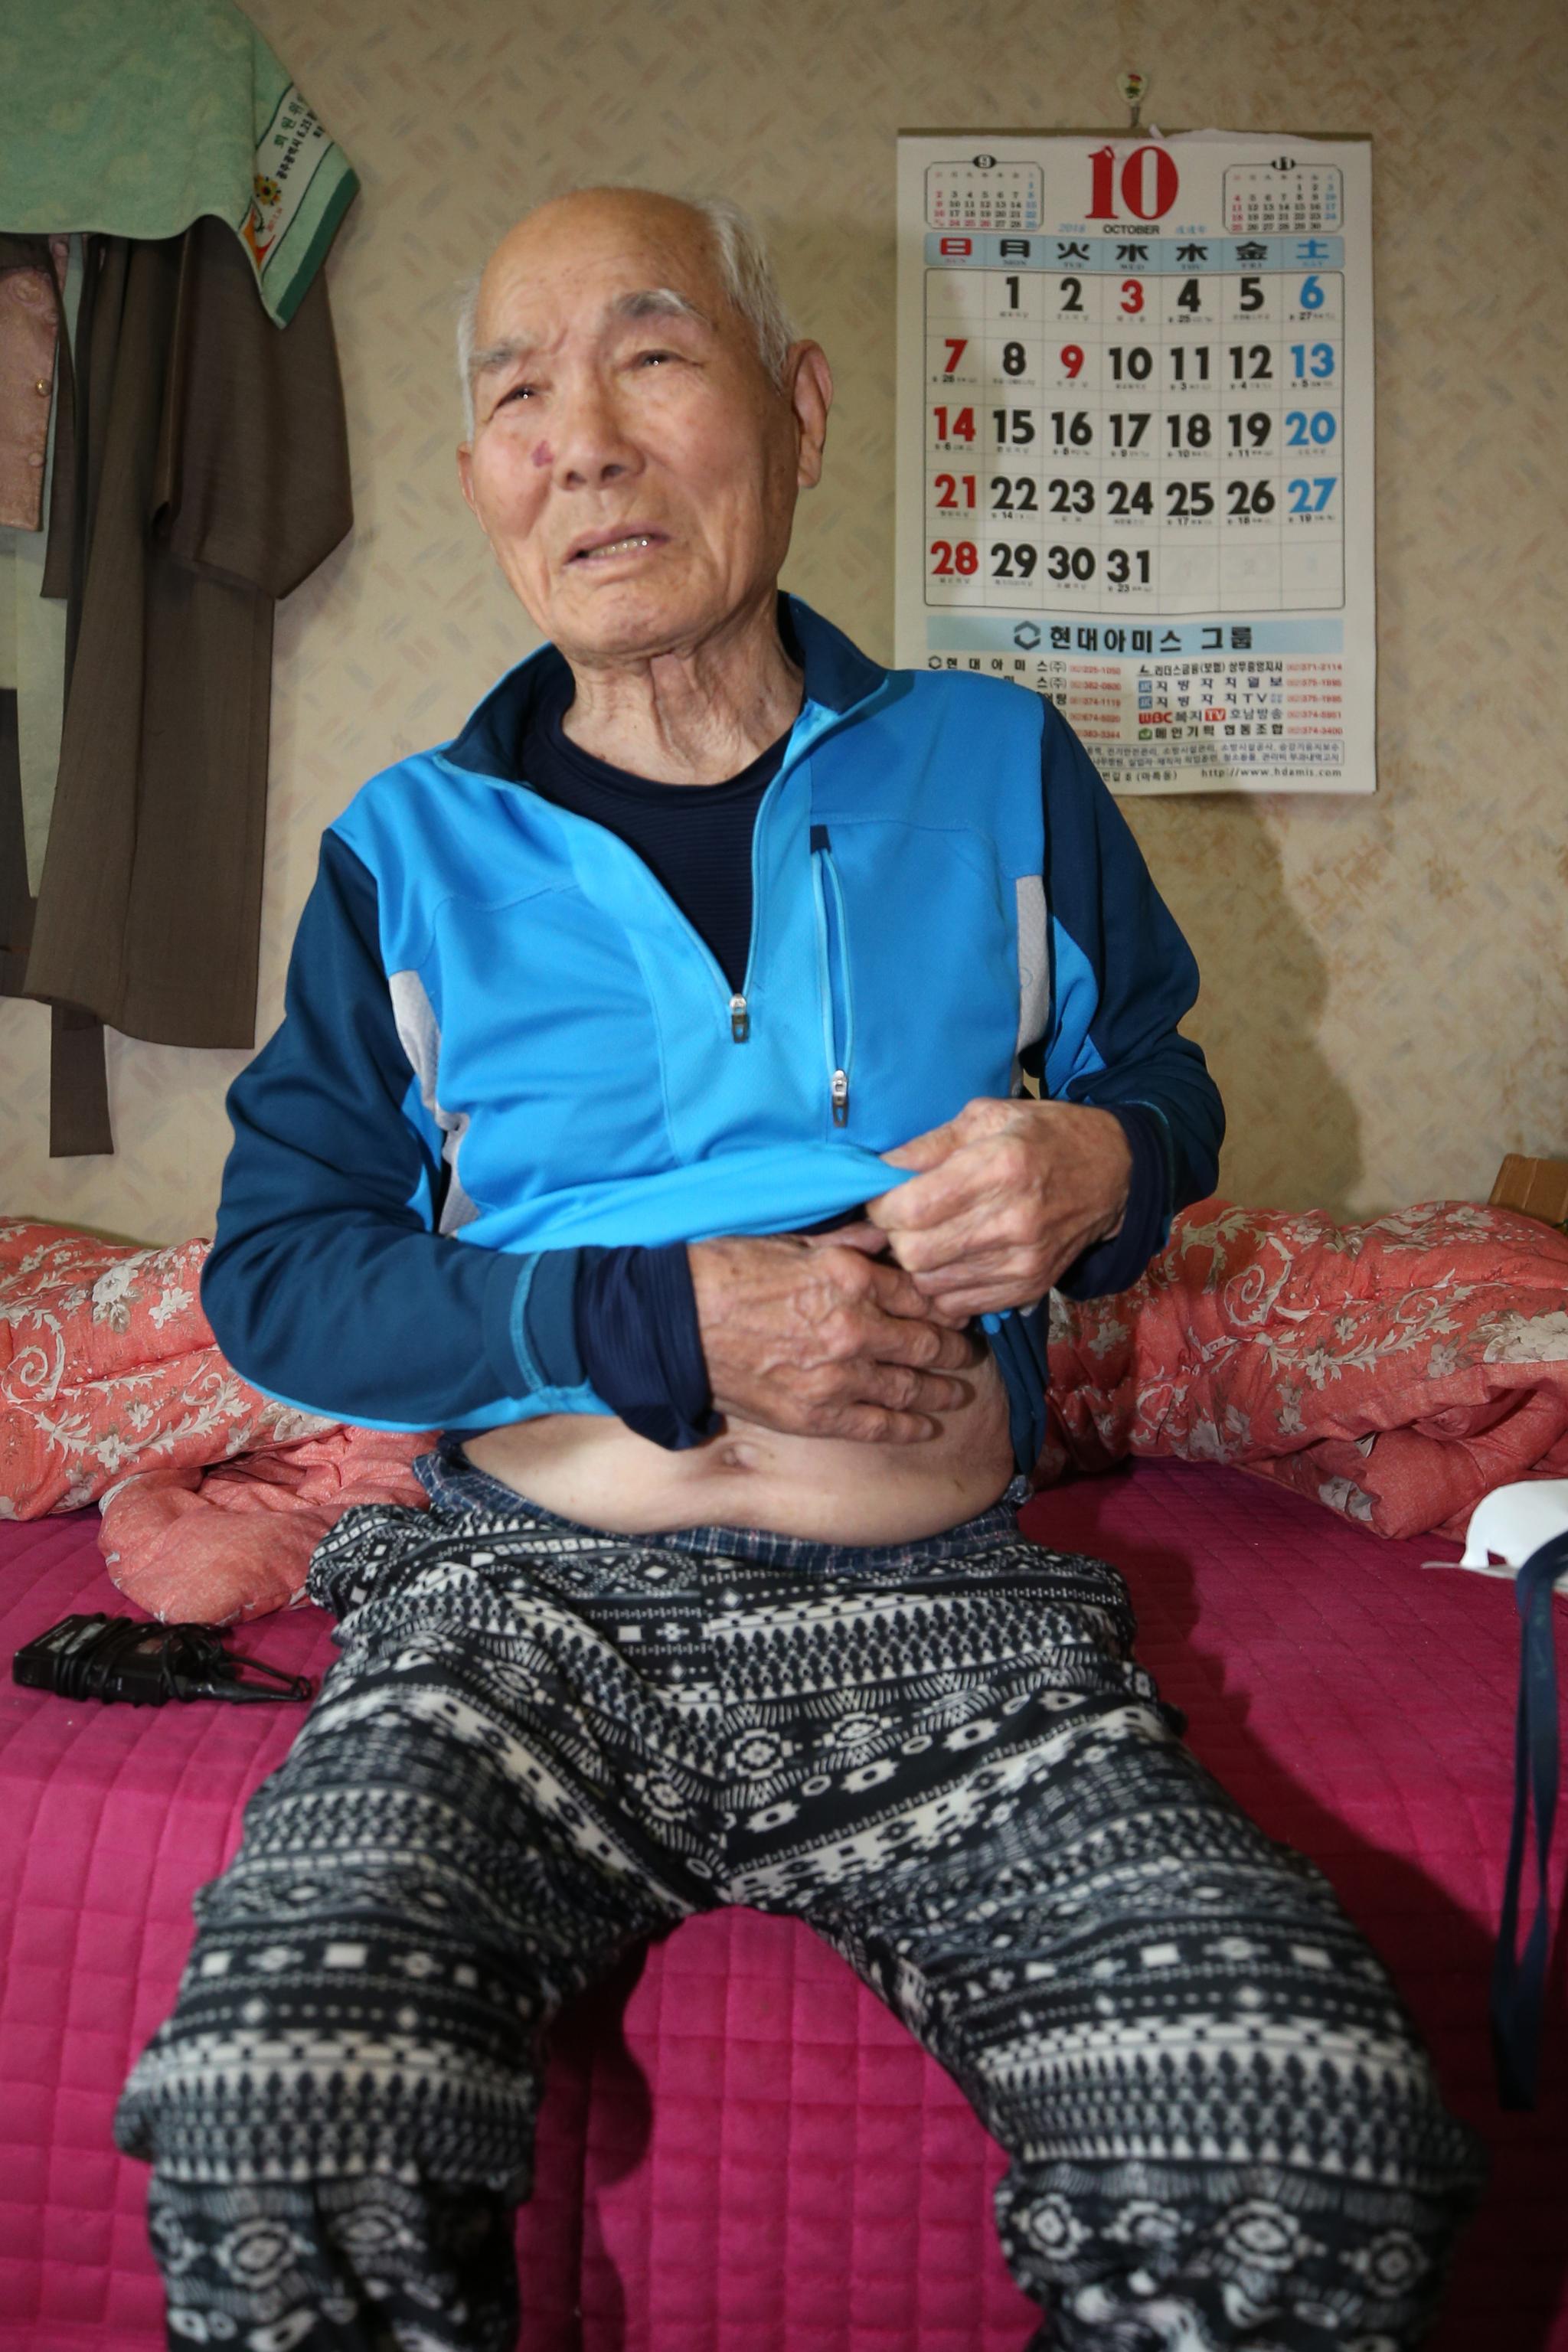 이춘식씨가 지난 25일 일제 강제징용 당시 제철소에서 얻은 상처를 보여주고 있다. [연합뉴스]